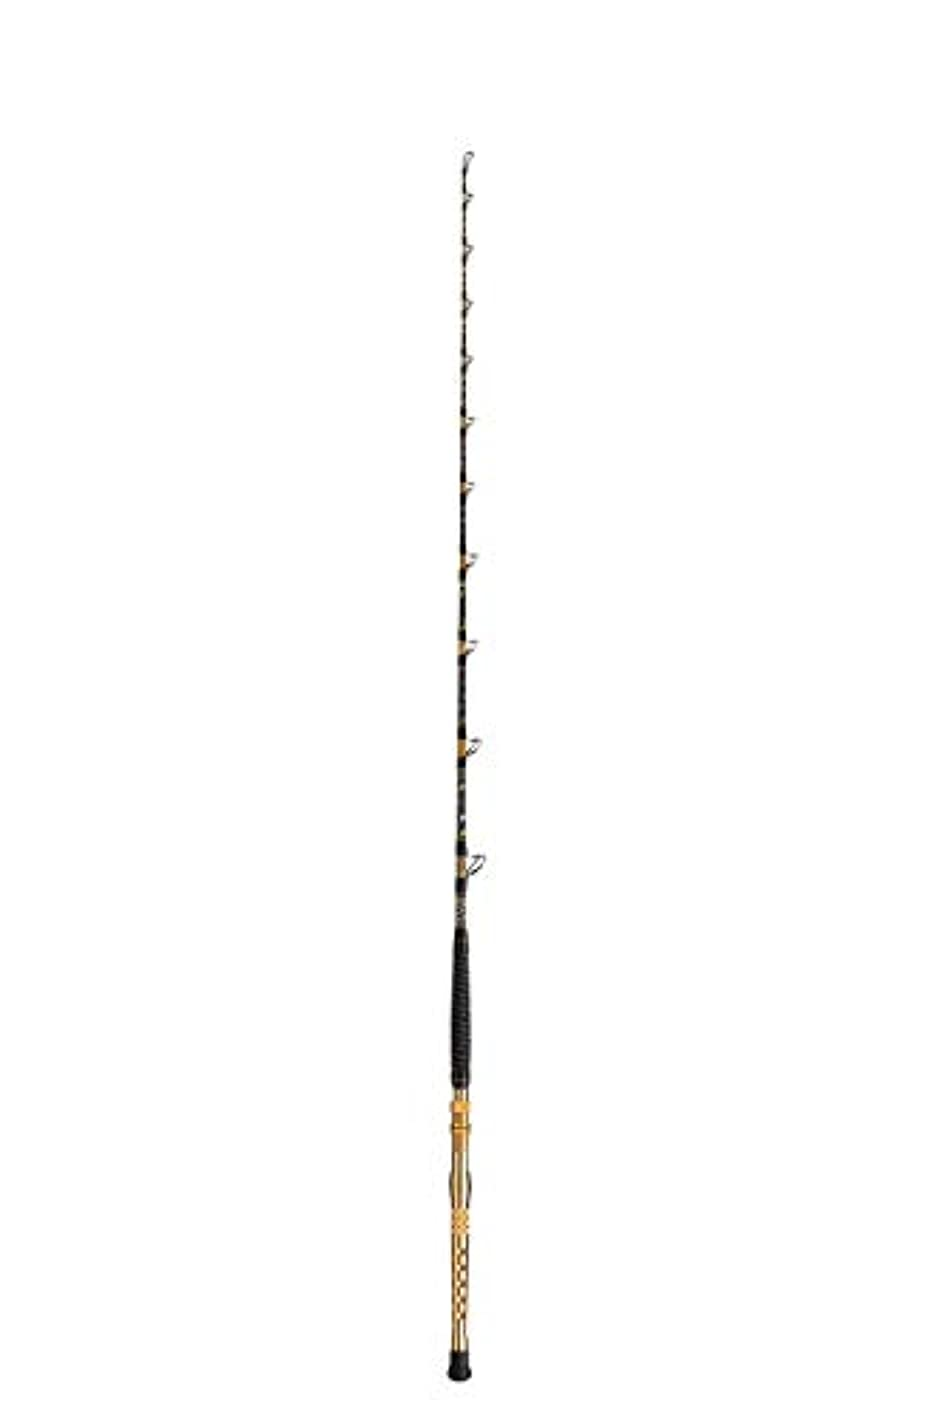 定義するシルク総糸巻 バトルシップス 185-200~400号 スタンディング カンパチ マグロ モロコ クエ キハダ 大物 シャイニーブラック